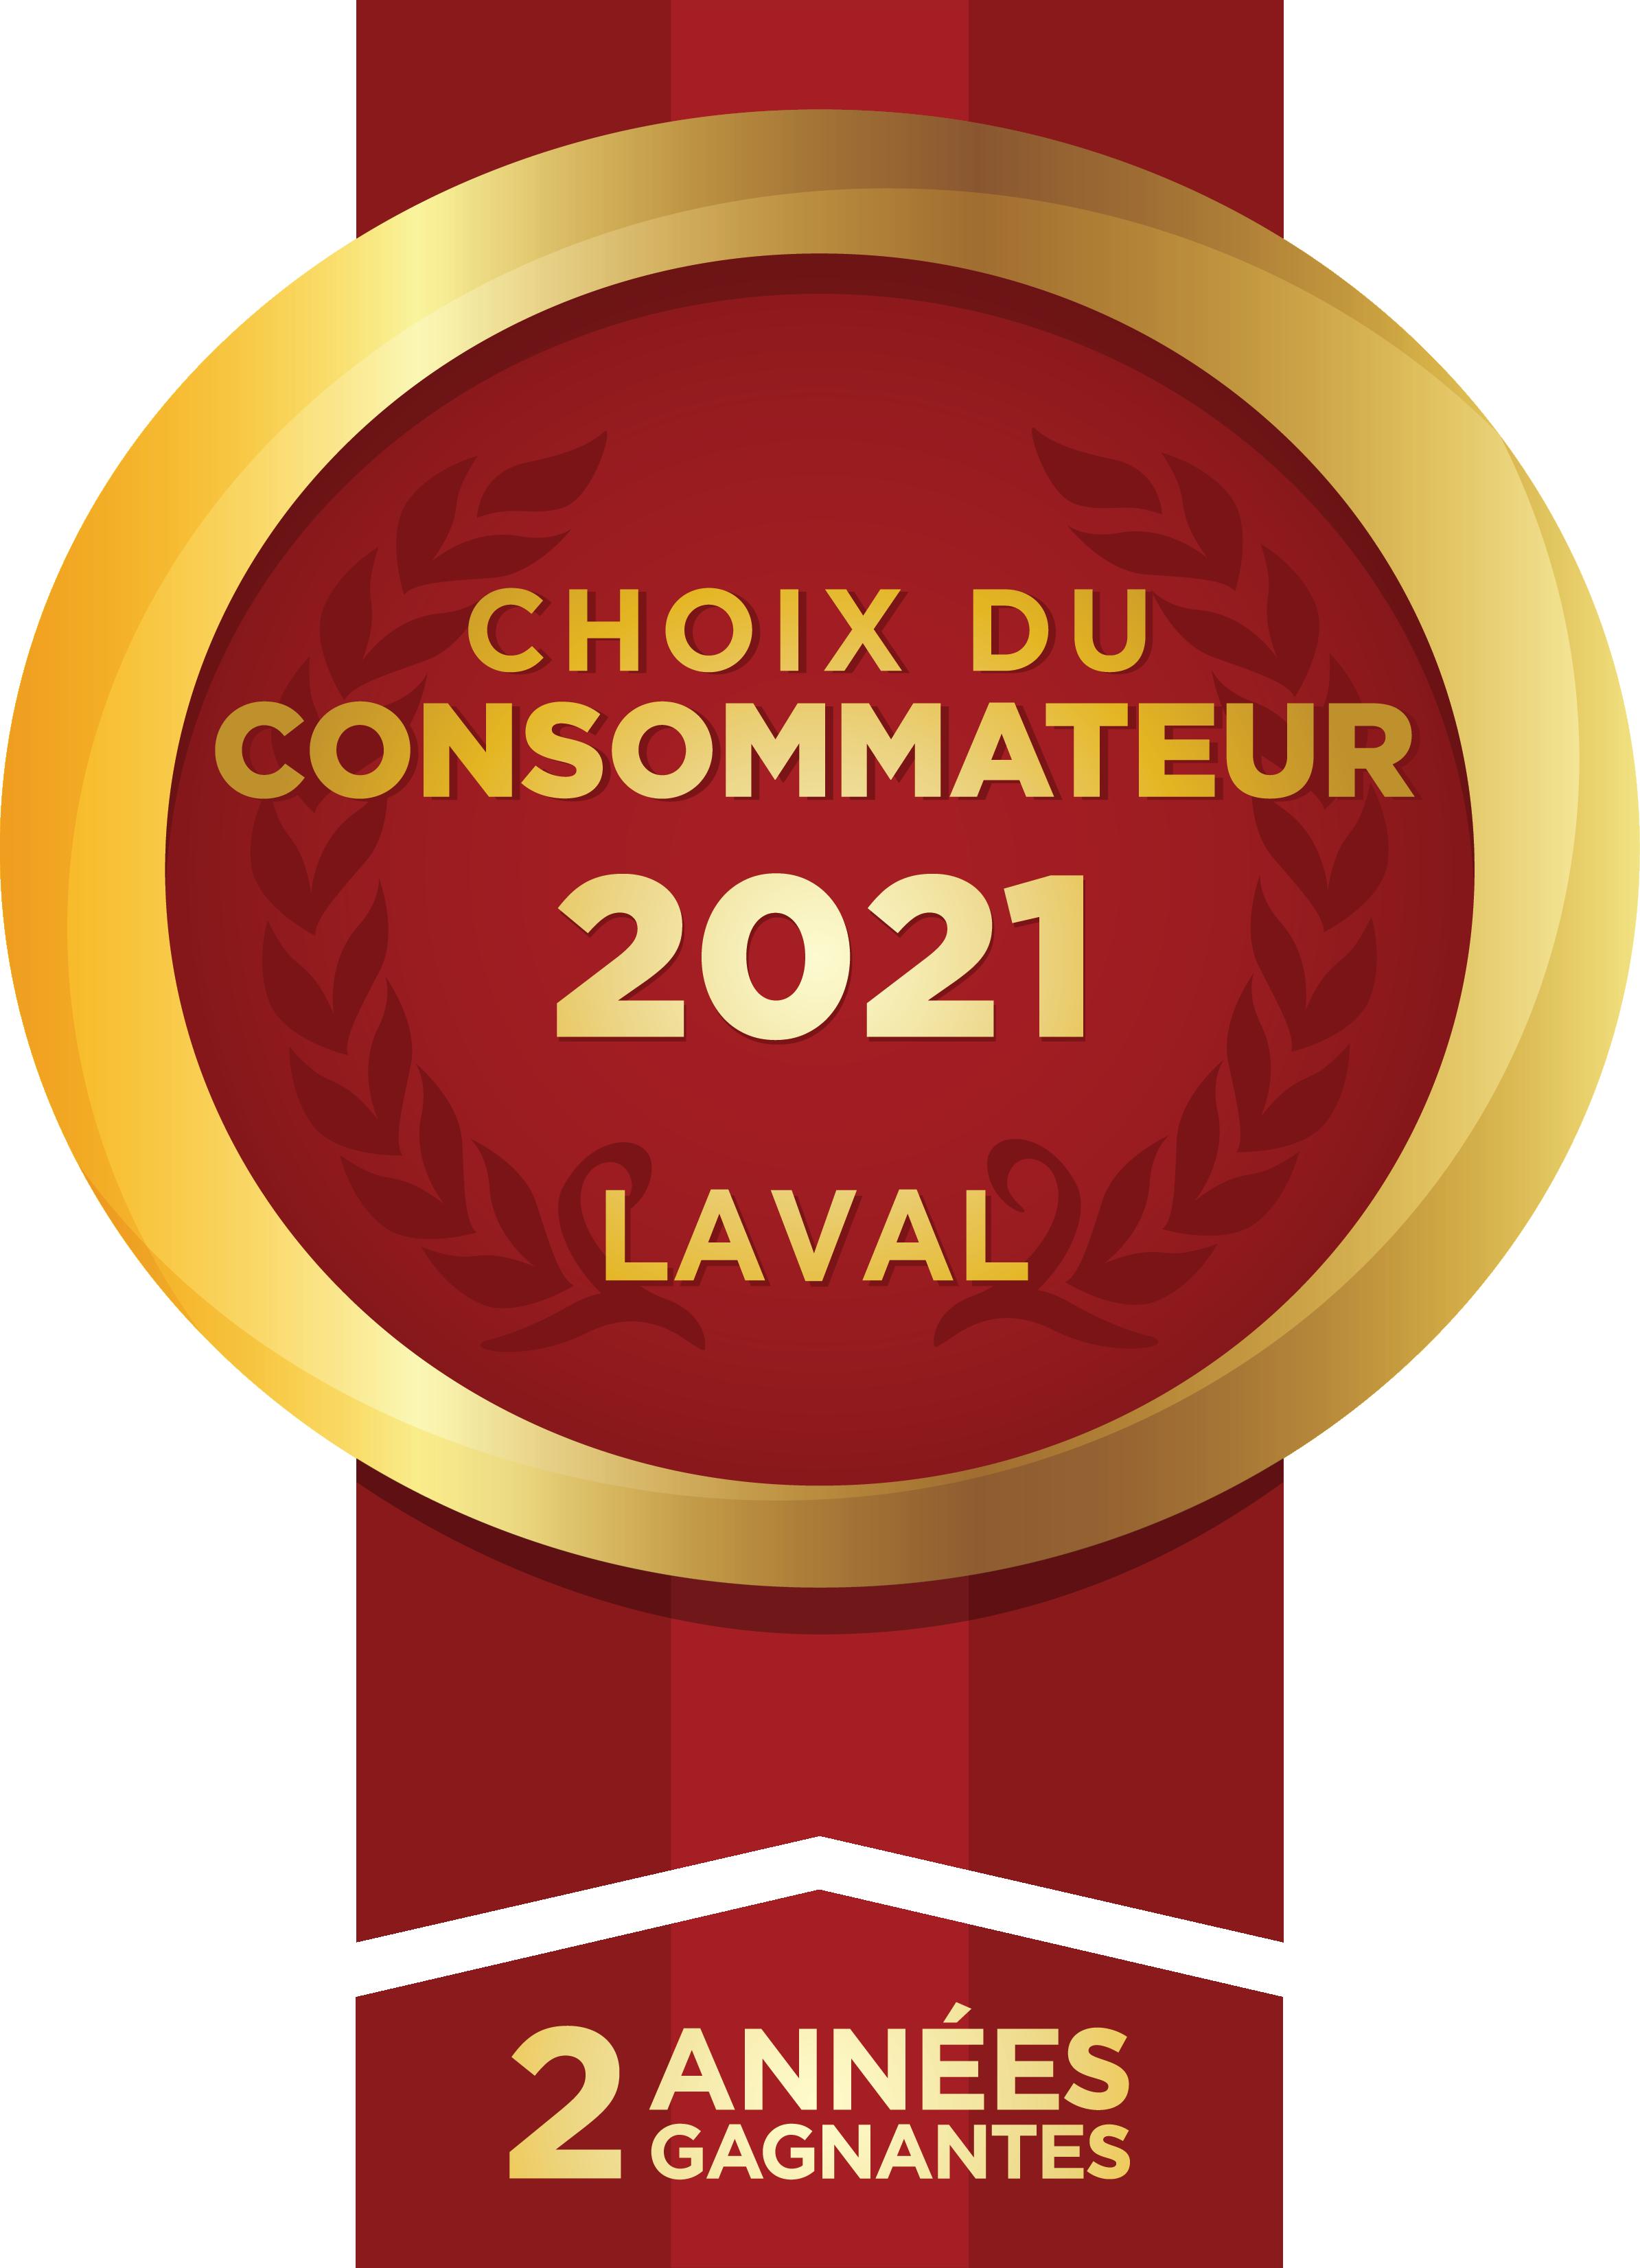 Laval 2021